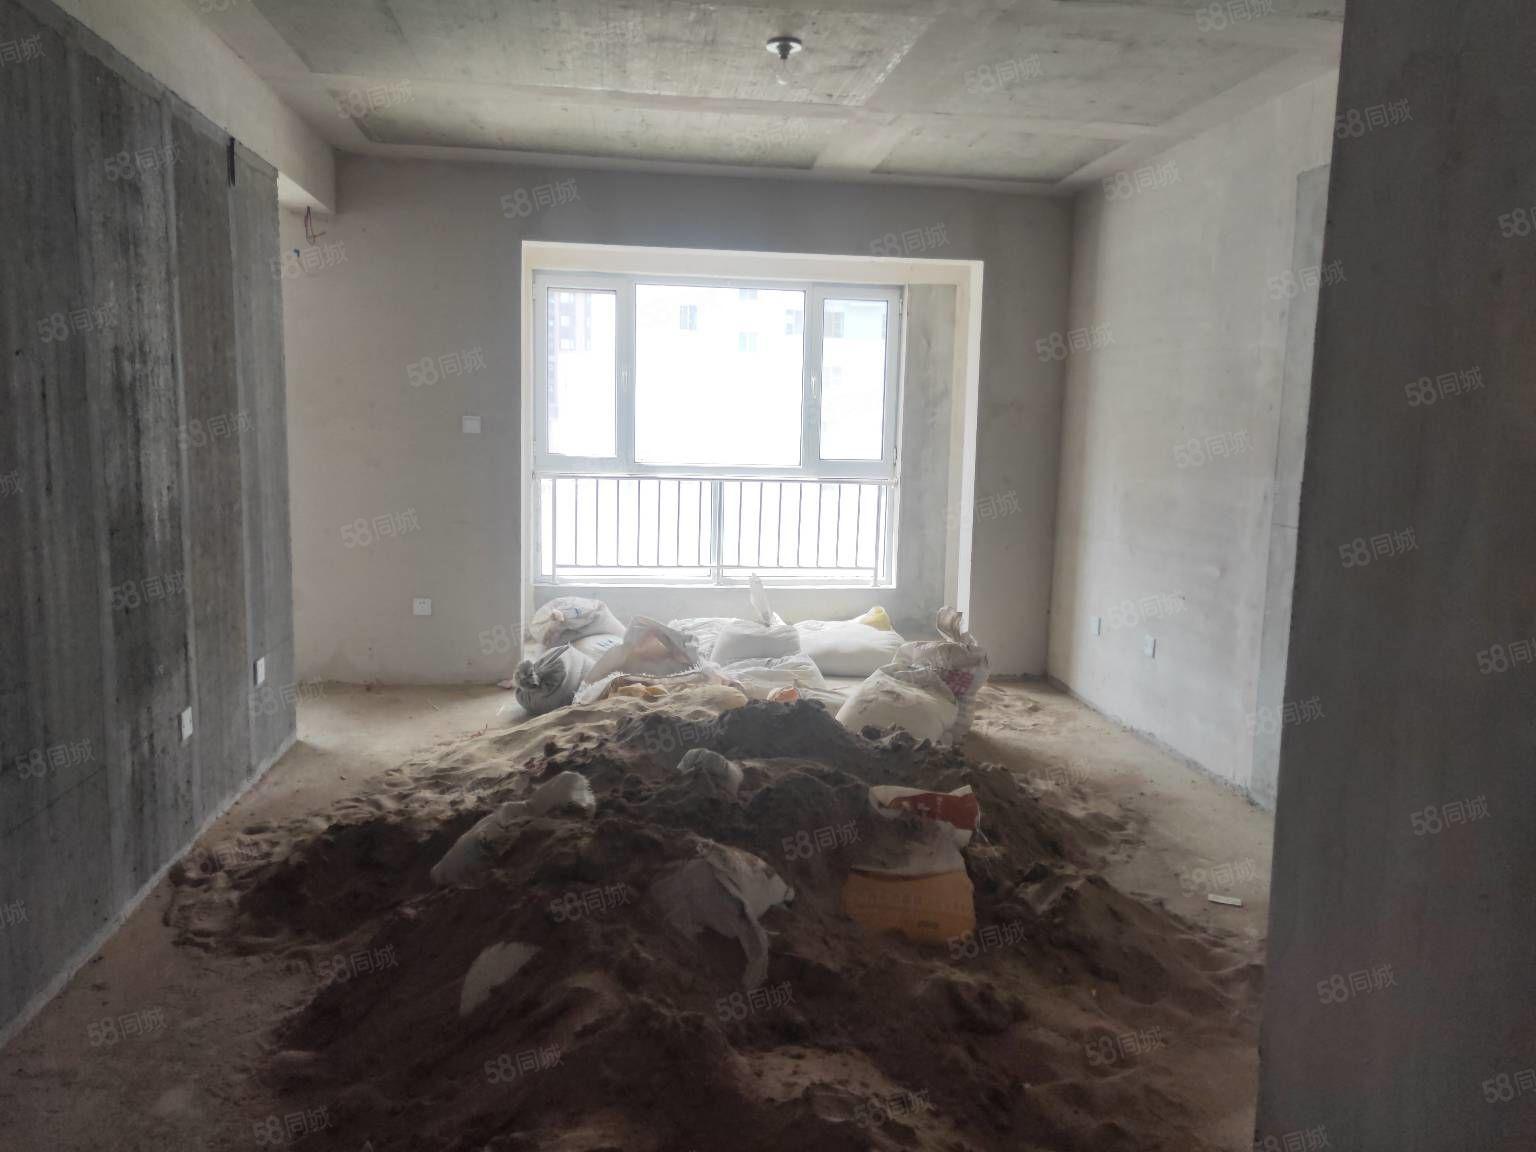 東湖名苑南北通透把頭房三居室視野開闊